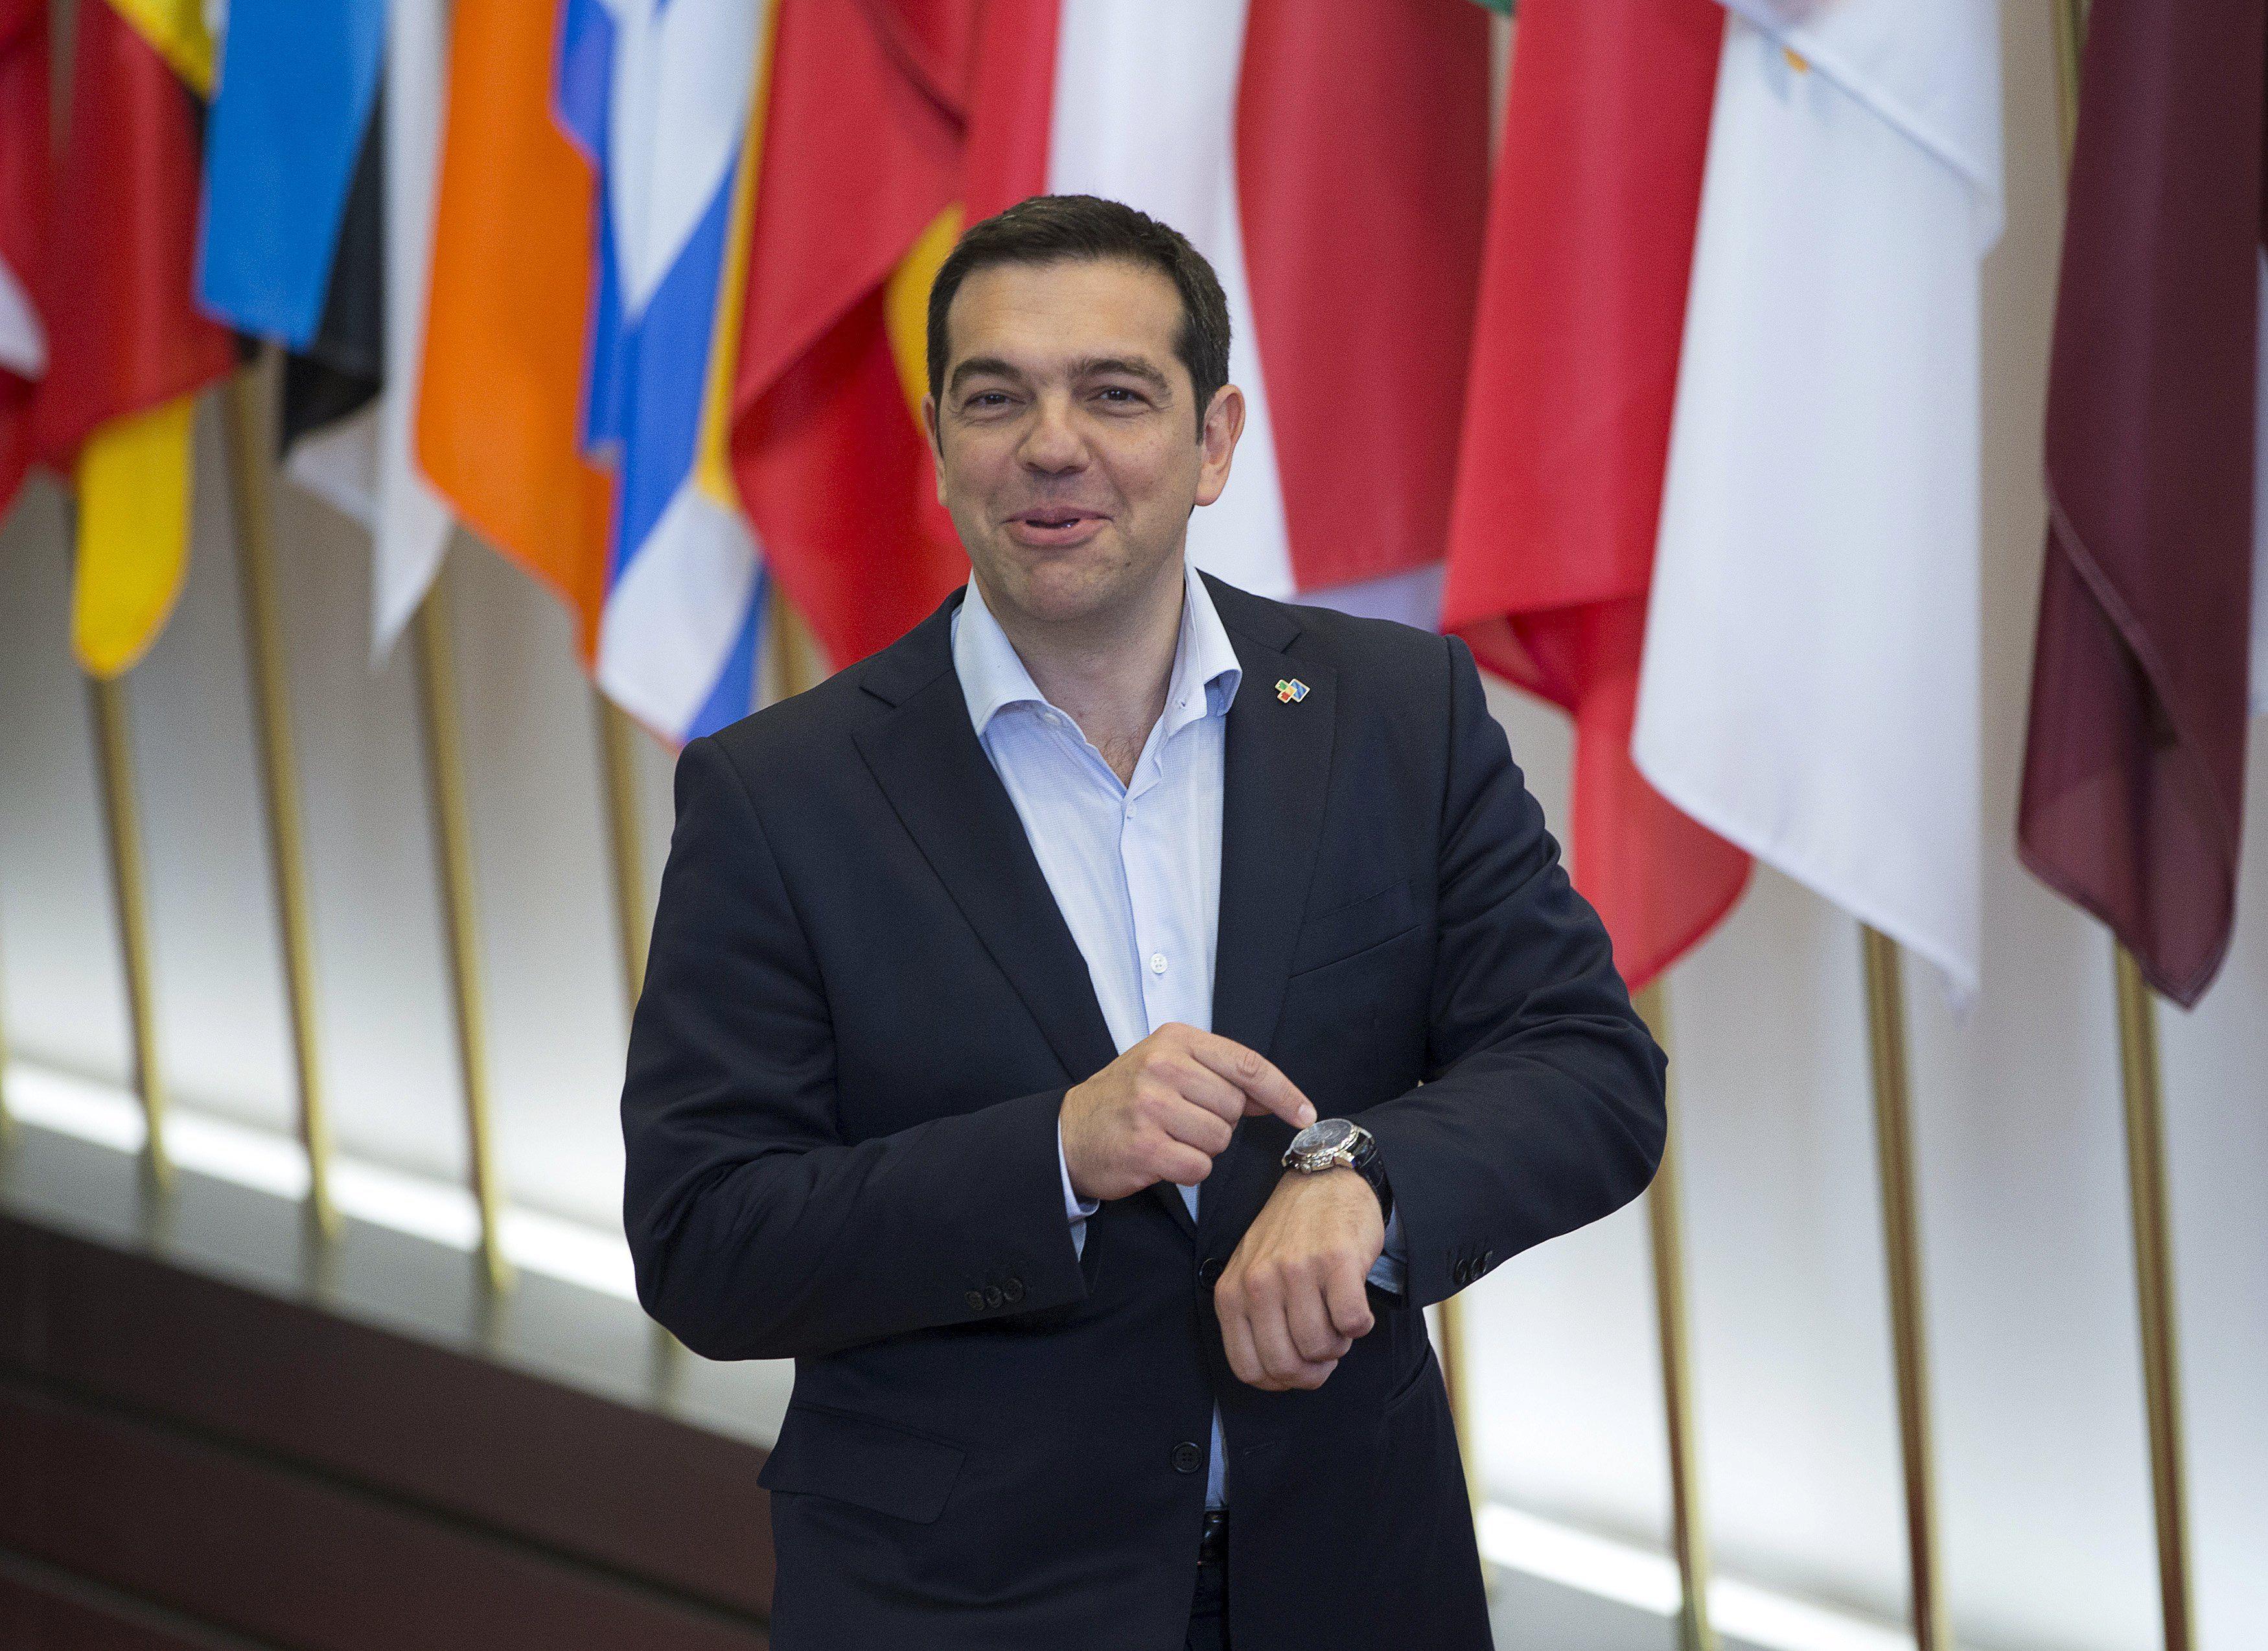 Llega la hora. El premier Alexis Tsipras se plantó. Europa y el FMI